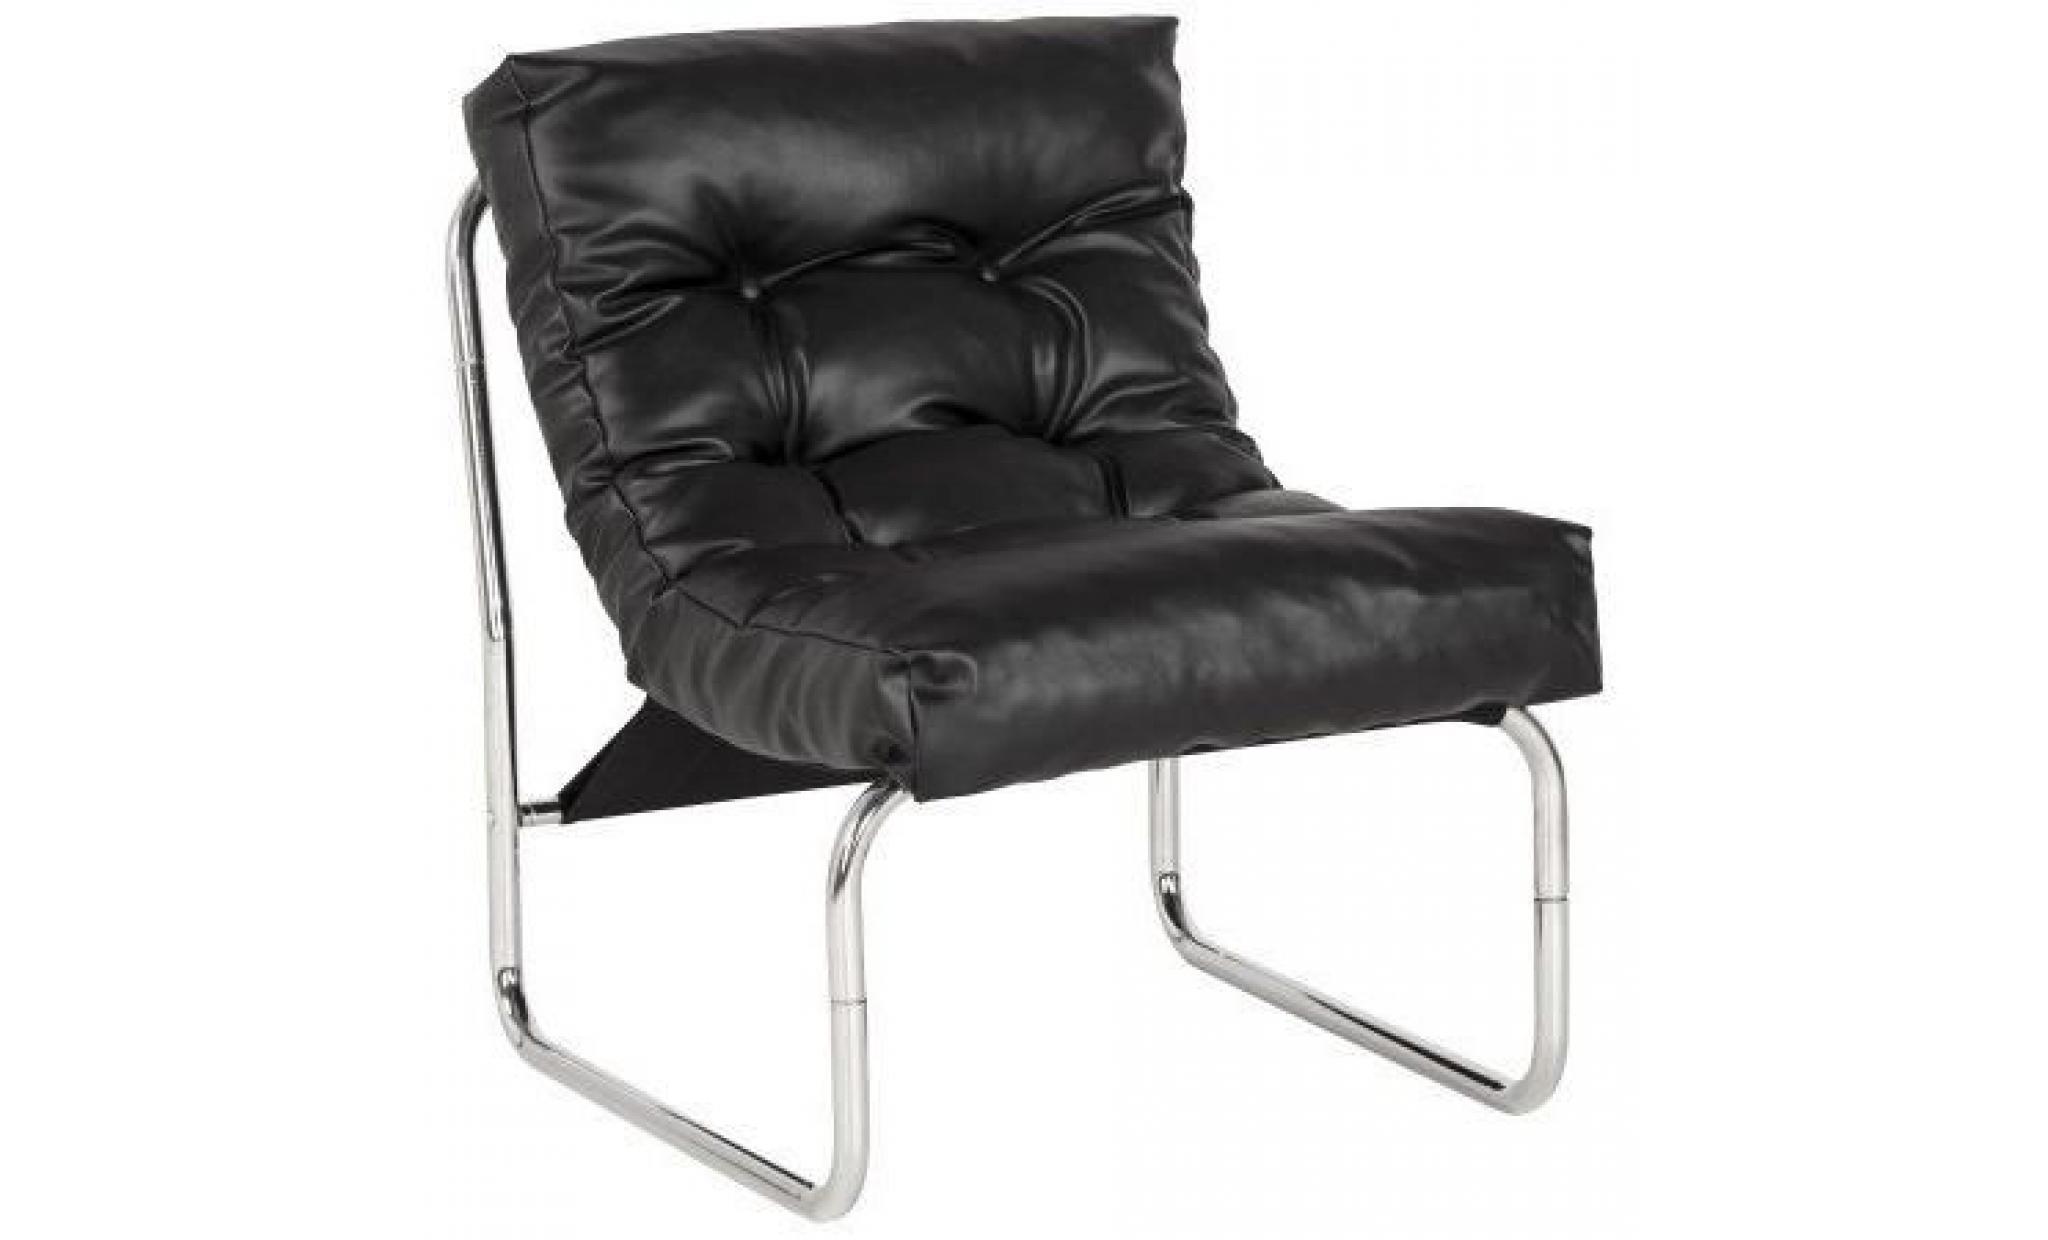 fauteuil lounge 39 fado 39 noir achat vente fauteuil pas cher couleur et. Black Bedroom Furniture Sets. Home Design Ideas